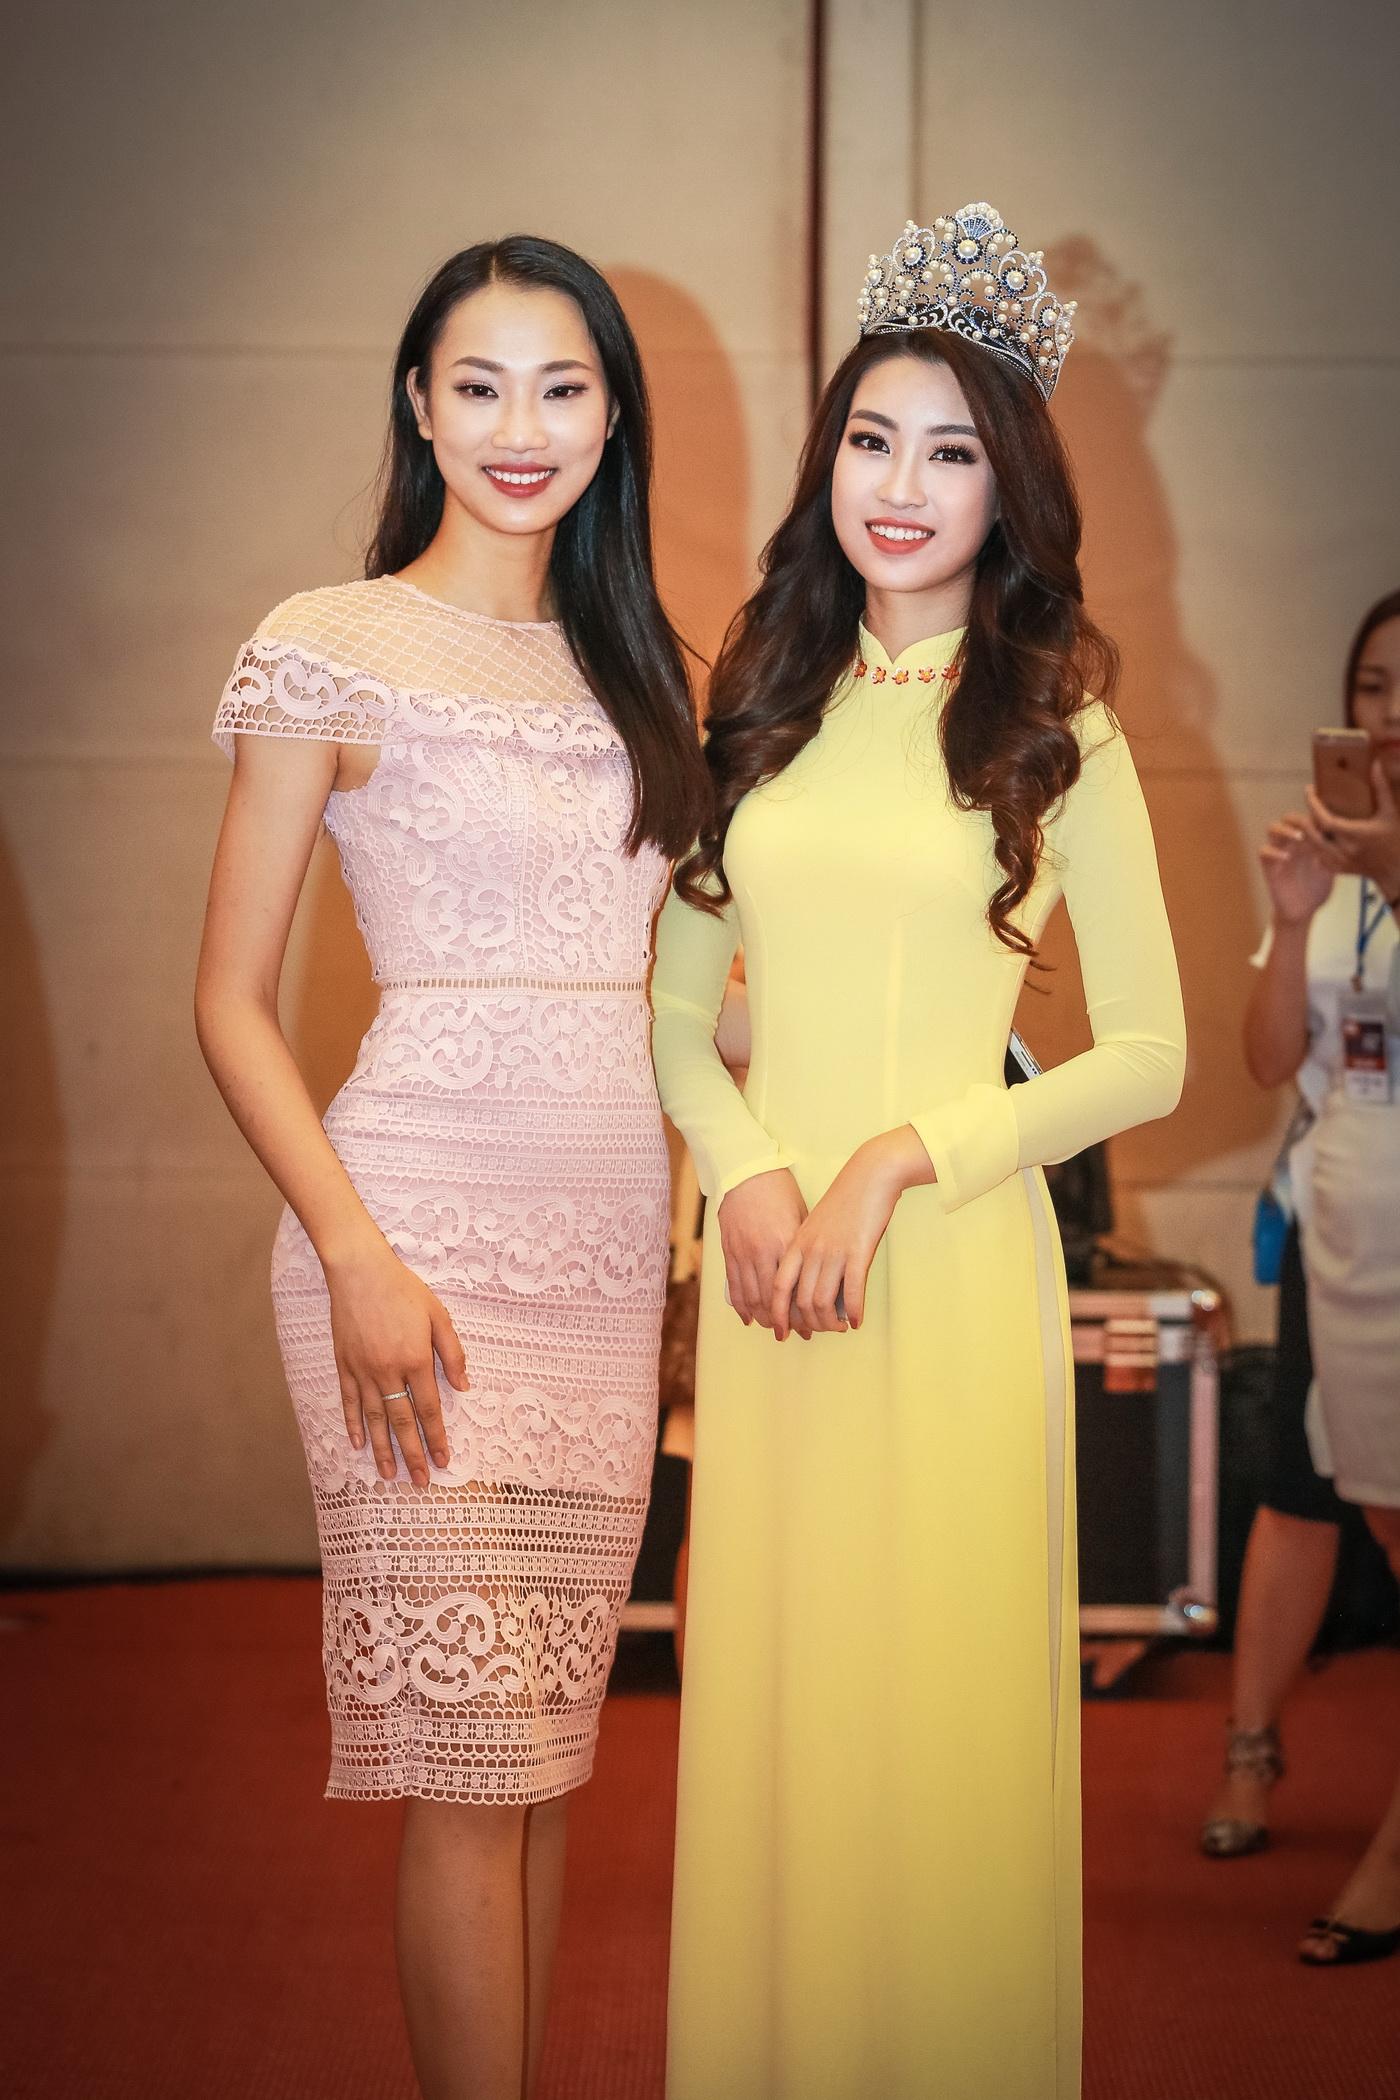 Hoa hậu Mỹ Linh tỏa sáng trong tà áo dài vàng tại sự kiện 8